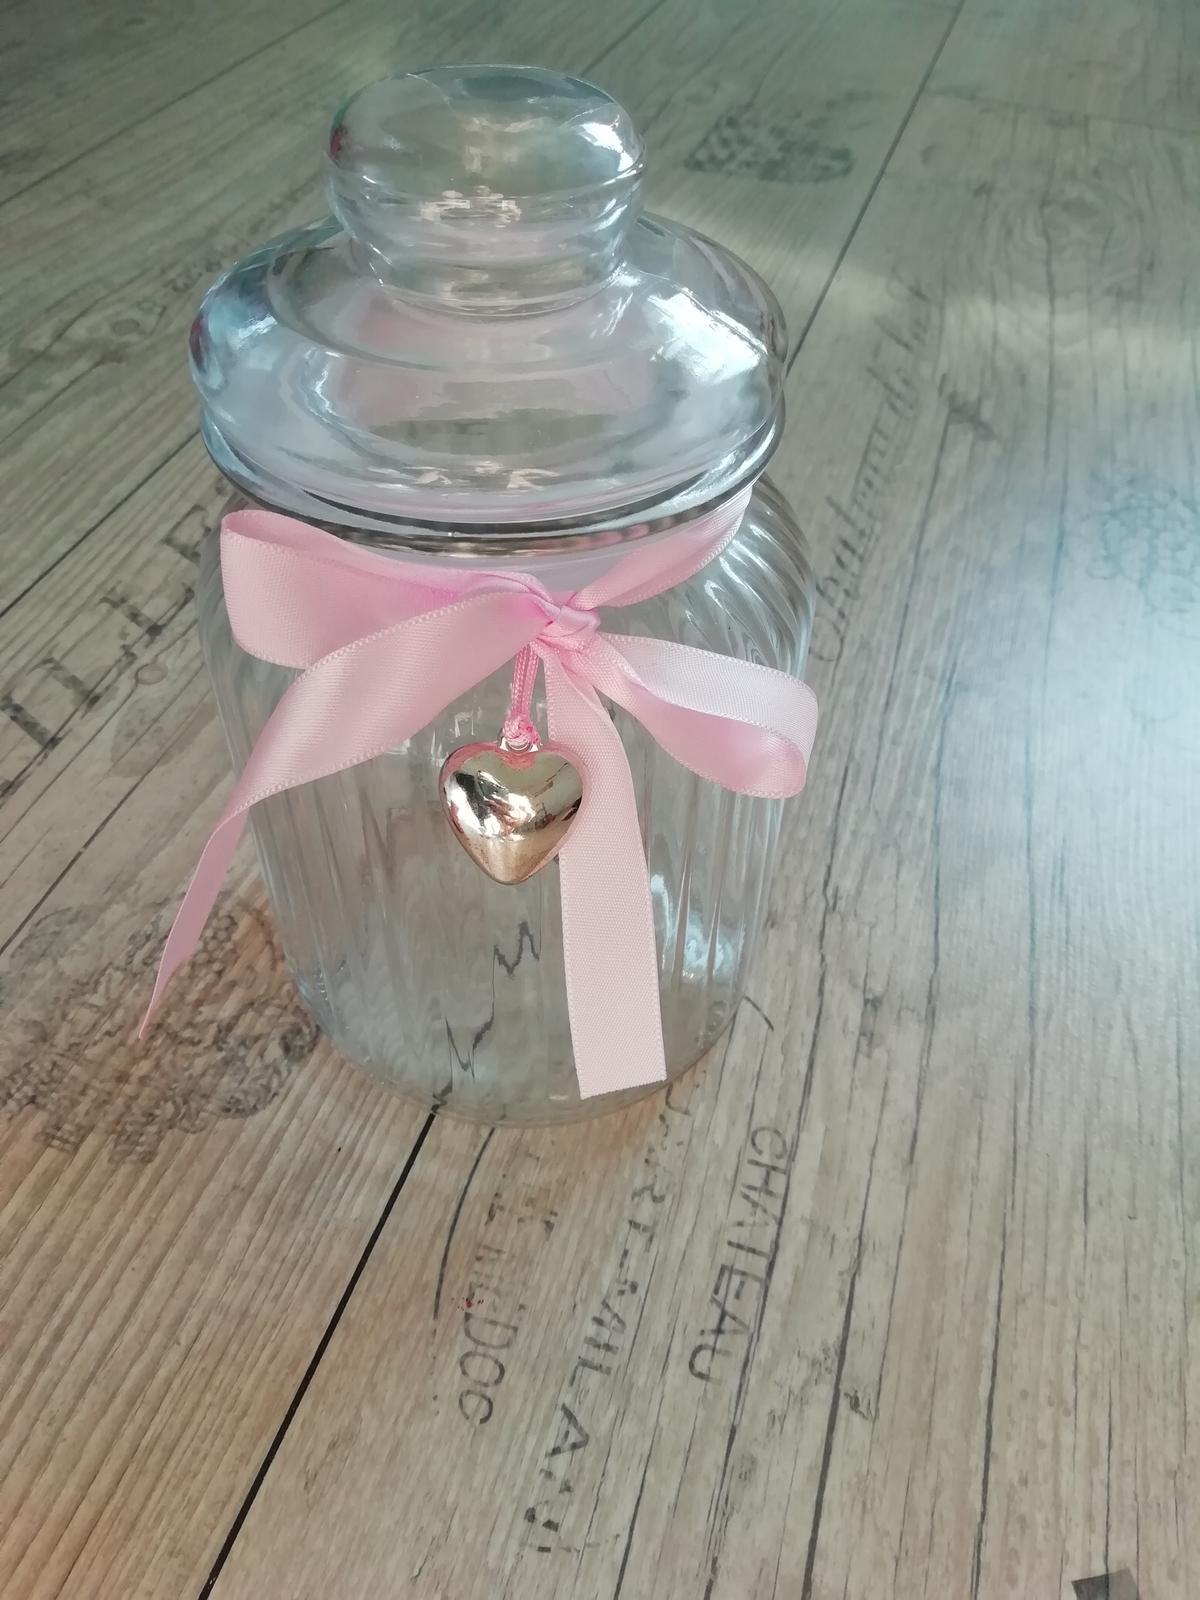 sklenice na bonbóny  - Obrázek č. 1